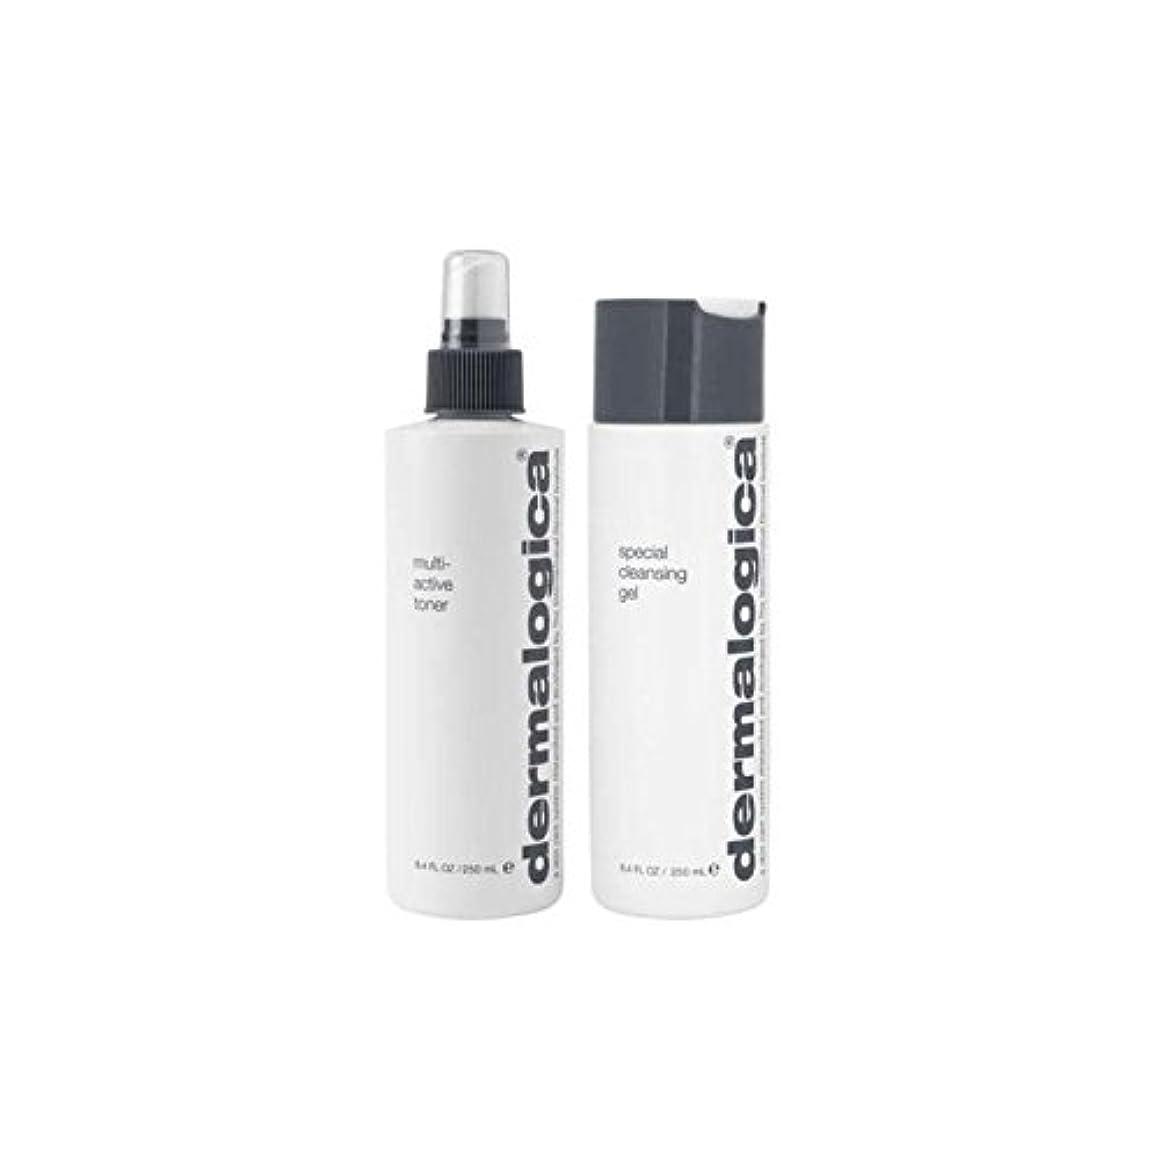 マラドロイトたくさんのつかむDermalogica Cleanse & Tone Duo - Normal/Dry Skin (2 Products) (Pack of 6) - ダーマロジカクレンジング&トーンデュオ - ノーマル/ドライスキン(...